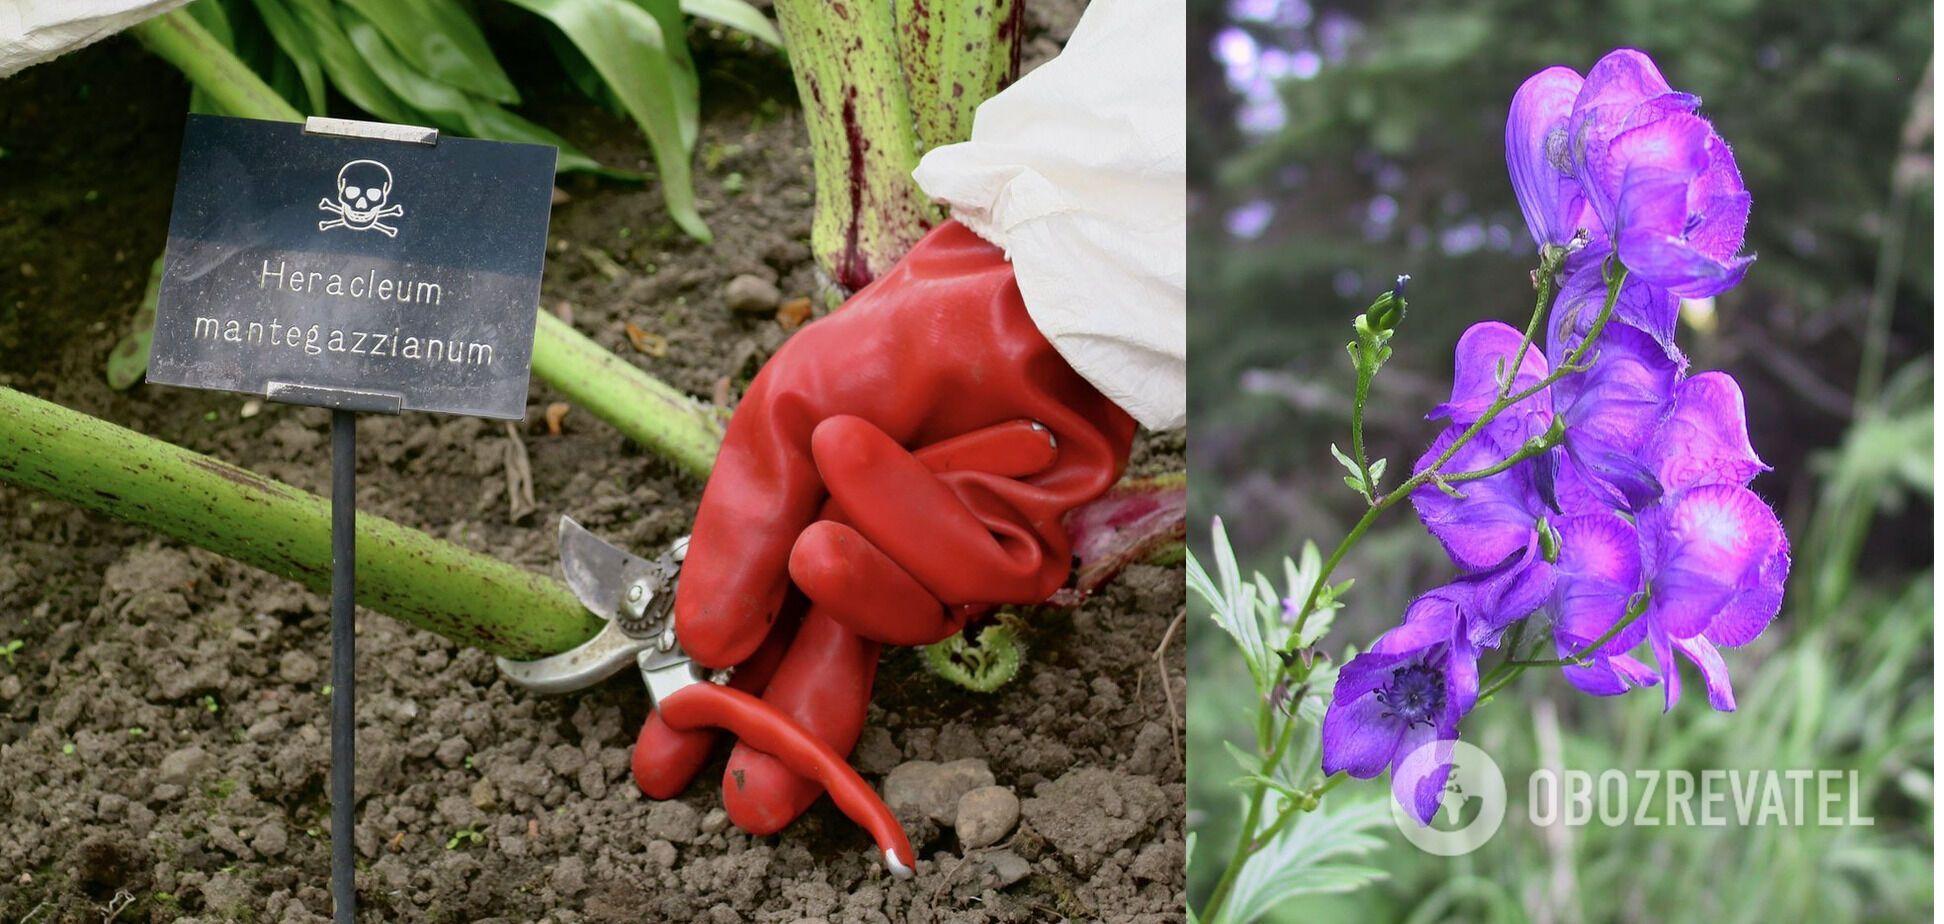 За некоторыми растениями садовники ухаживают в защитных костюмах; цветок аконит